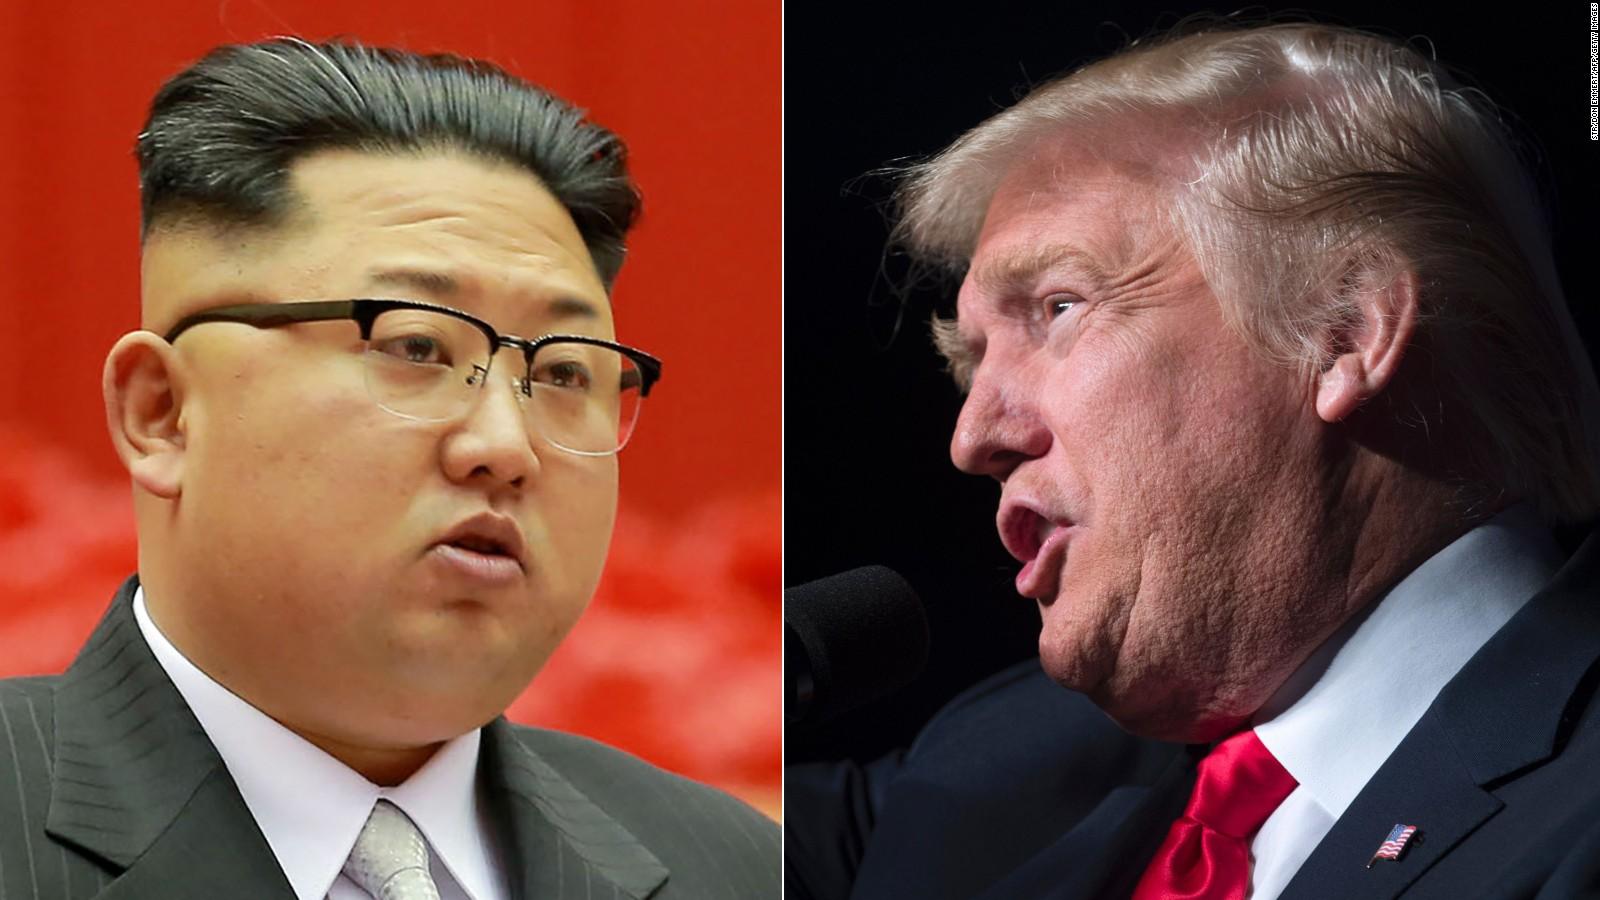 Trump: Benim nükleer düğmem seninkinden çok daha büyük ve güçlü